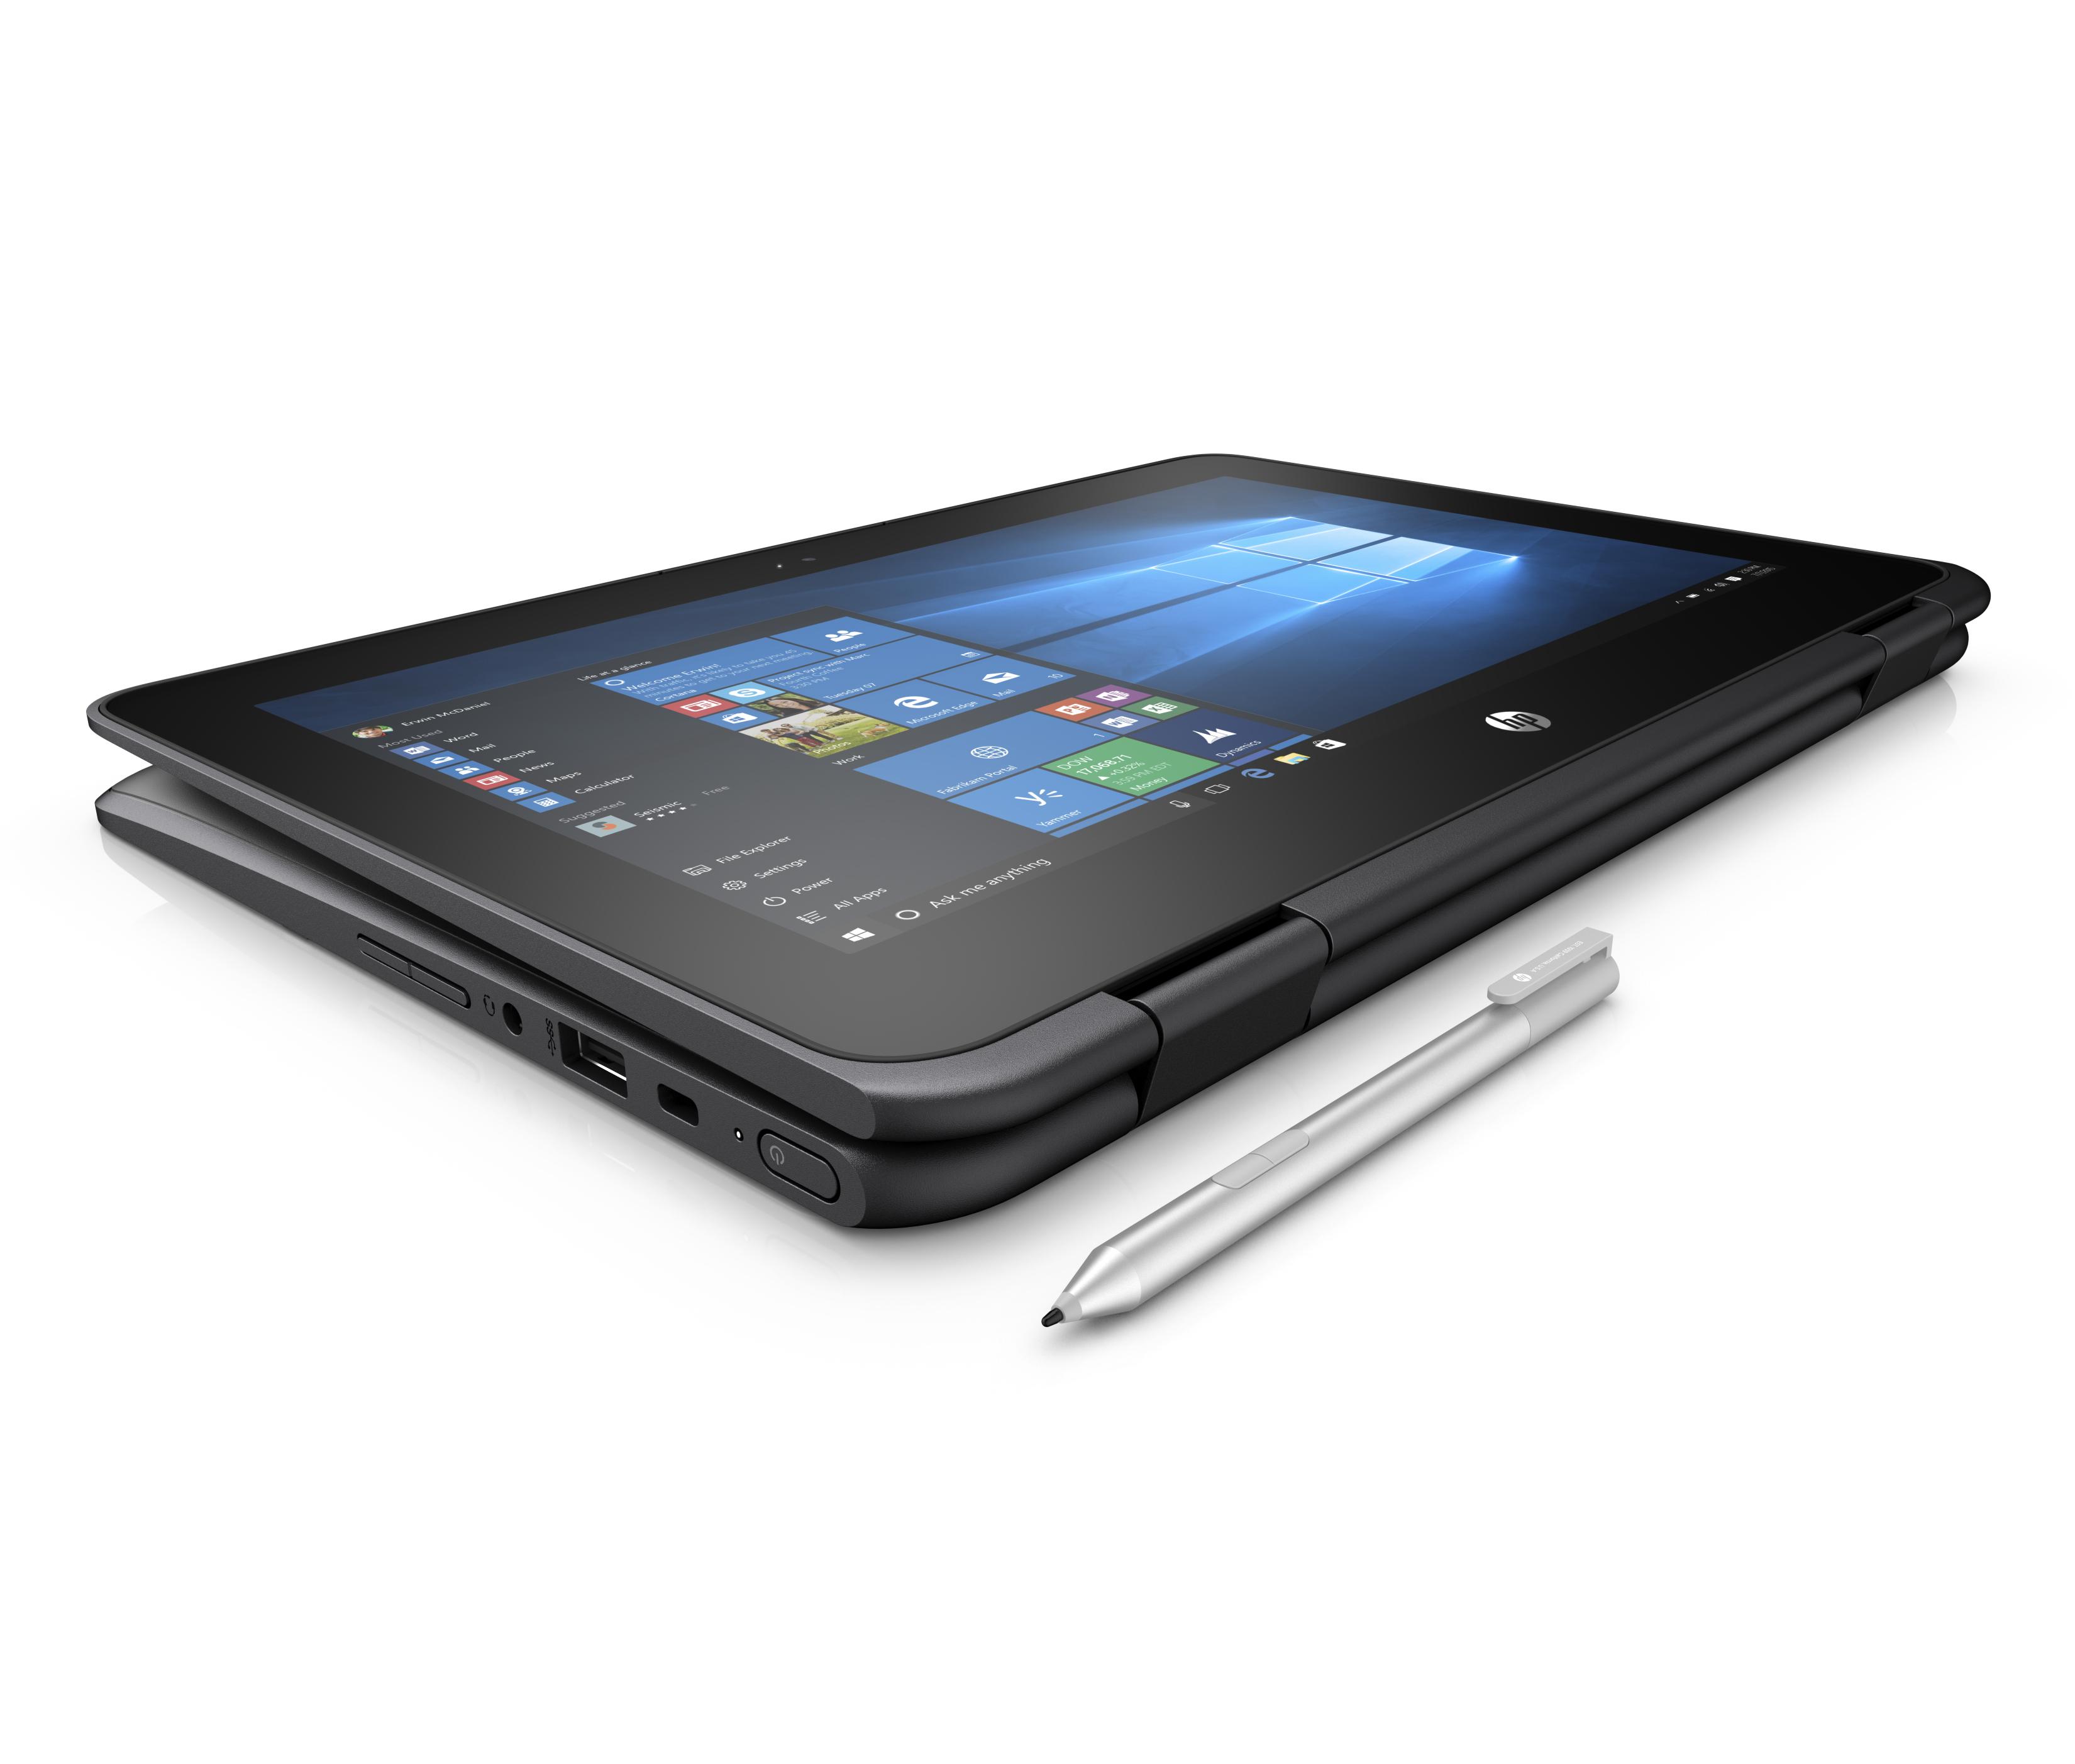 ProBook_x360_EE_Tablet_Stylus